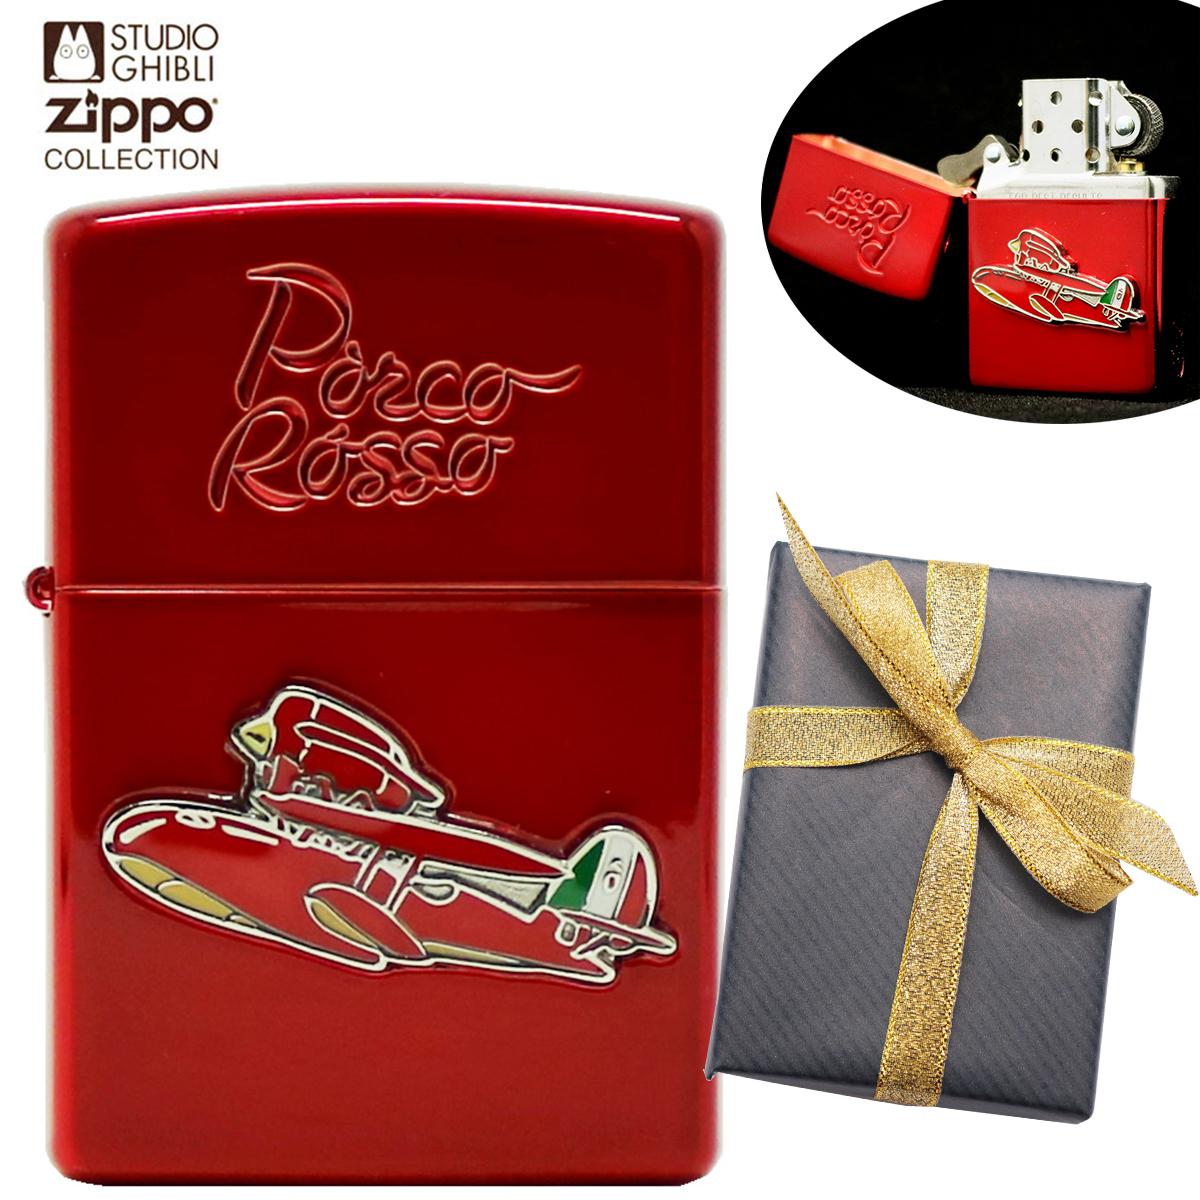 【送料無料】紅の豚 ZIPPOコレクション ポルコ赤 レッド NZ-24 スタジオジブリ <お誕生日 プレゼント> クリスマスプレゼント